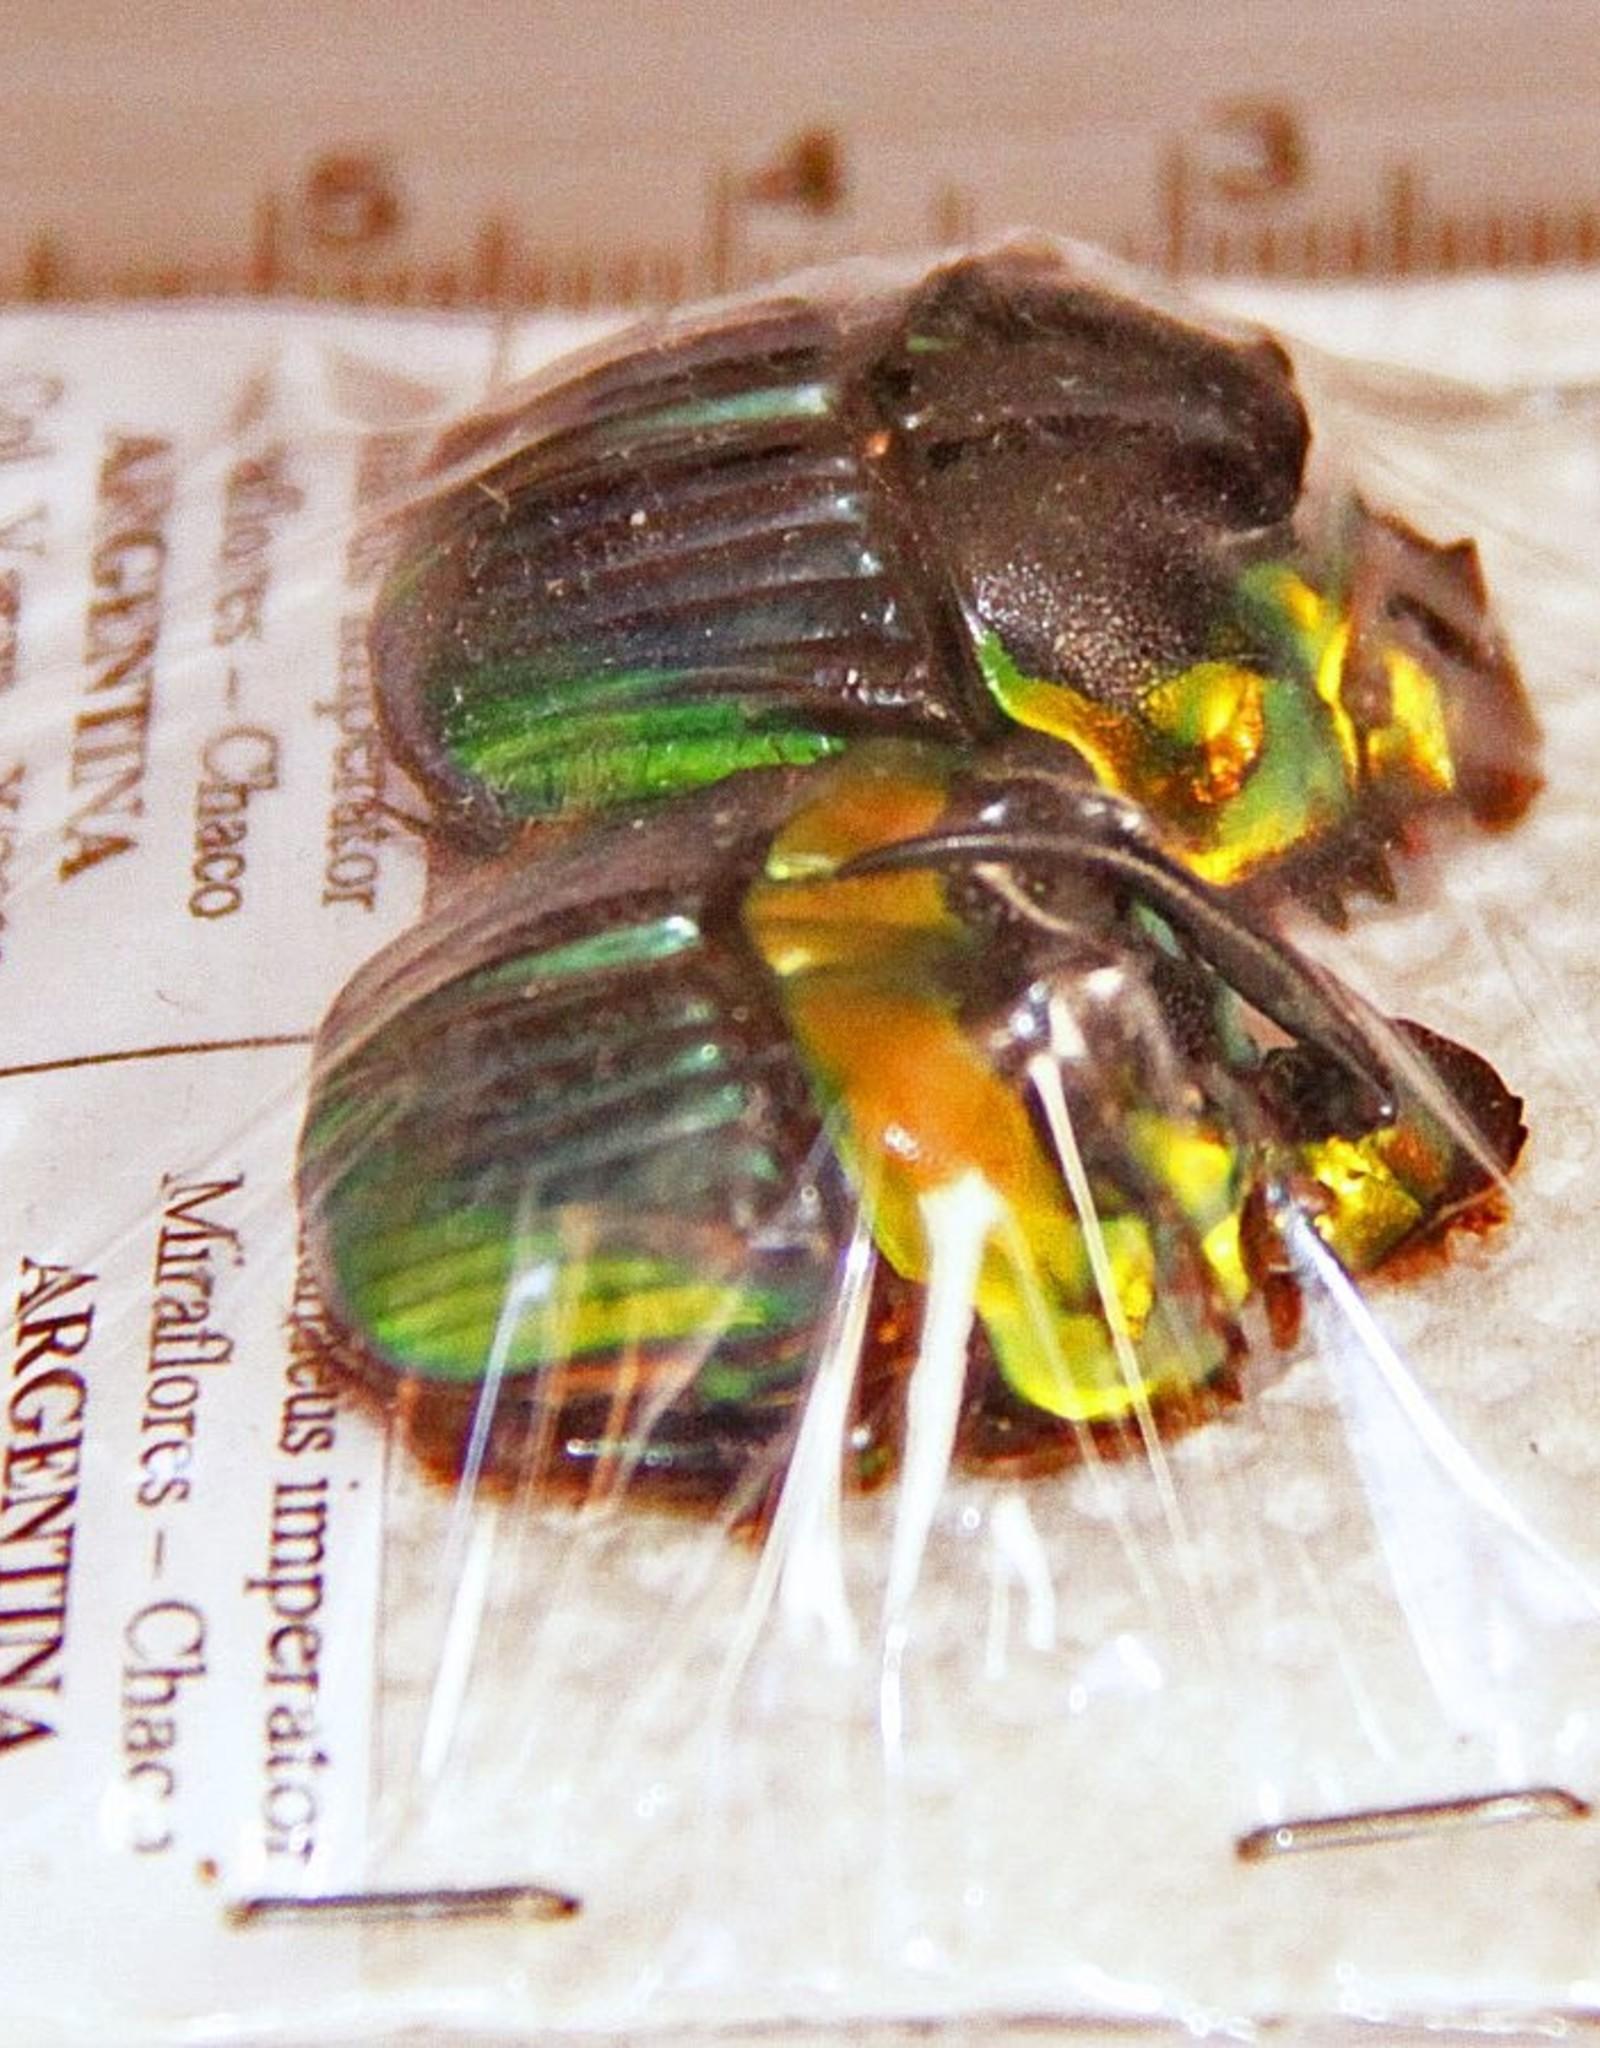 Phanaeus imperator PAIR A1 Argentina 1.5-2.0 cm